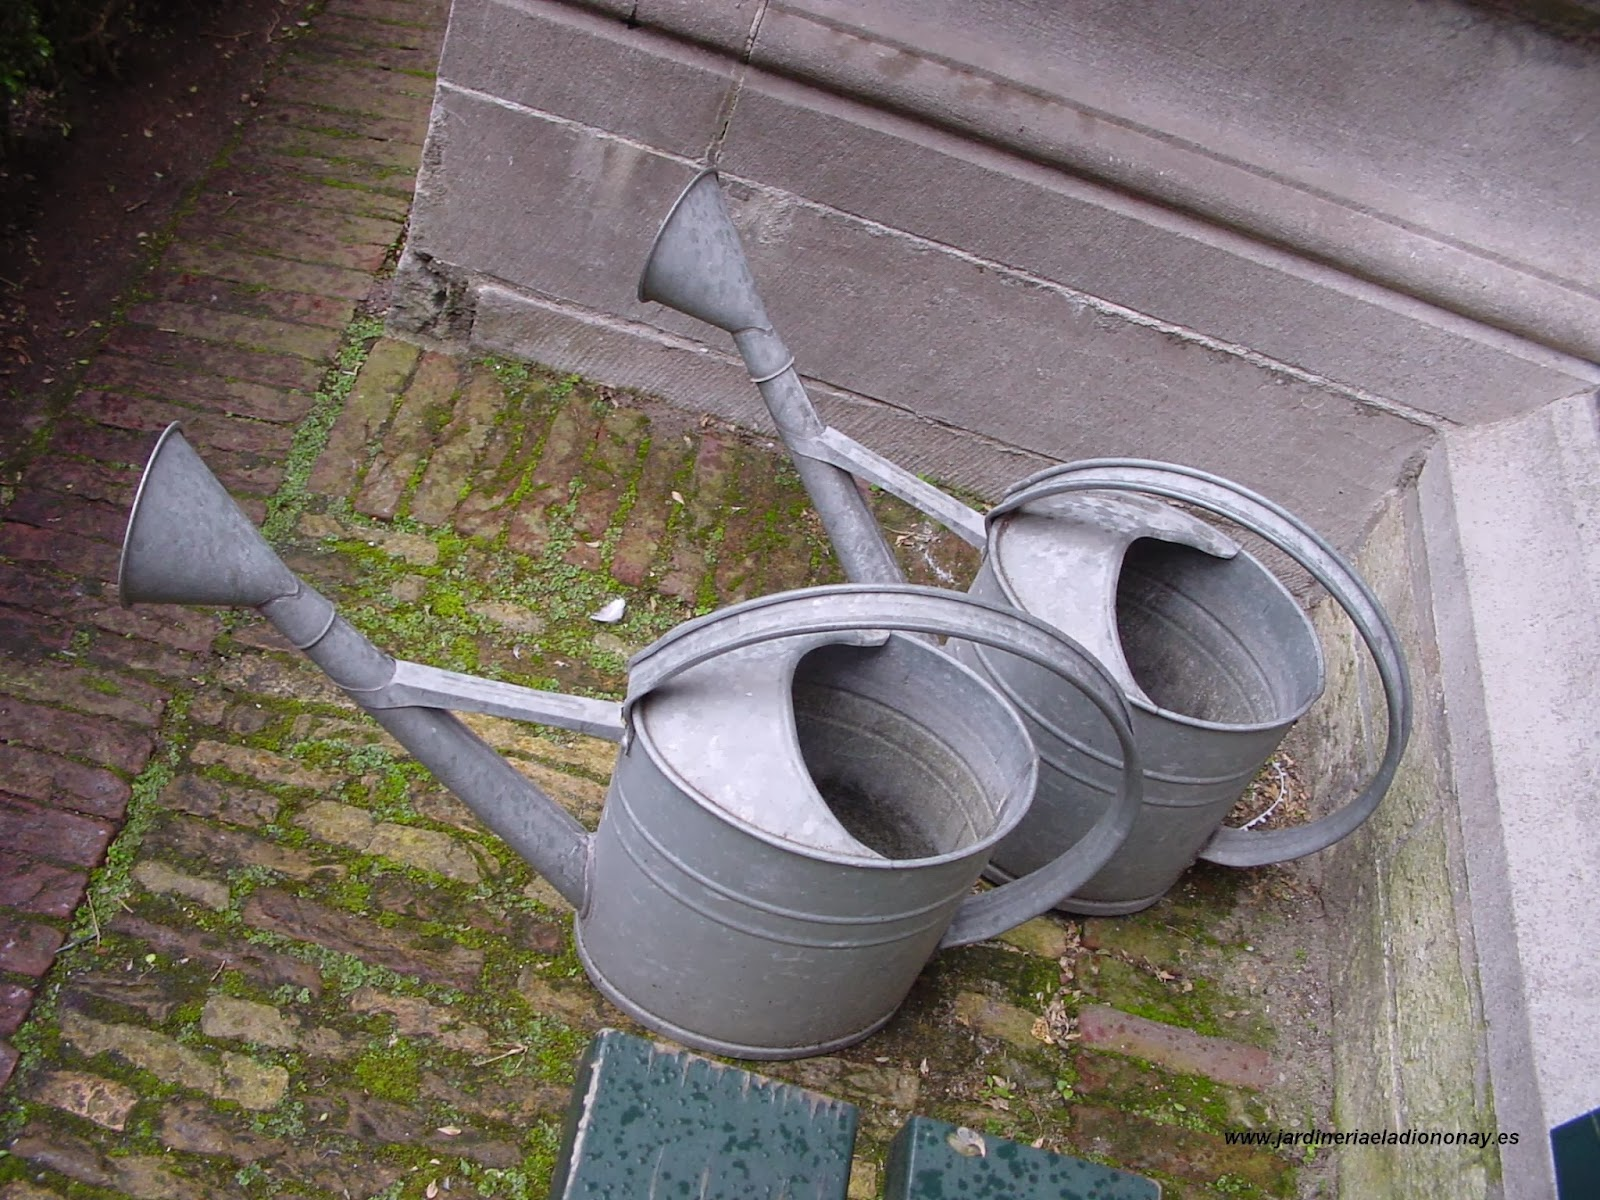 Jardineria eladio nonay accesorios decorativos para for Objetos de jardineria